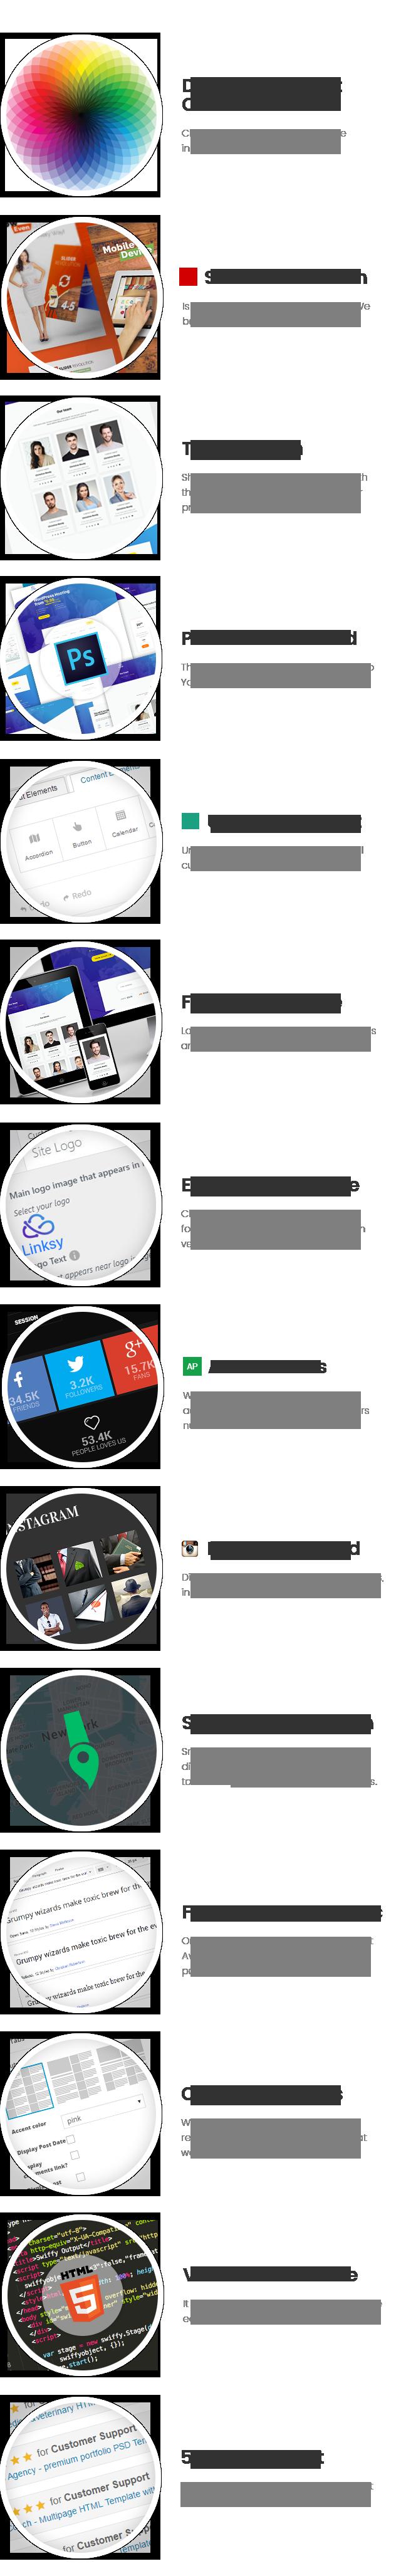 Linksy: domaine WordPress et fournisseur d'hébergement